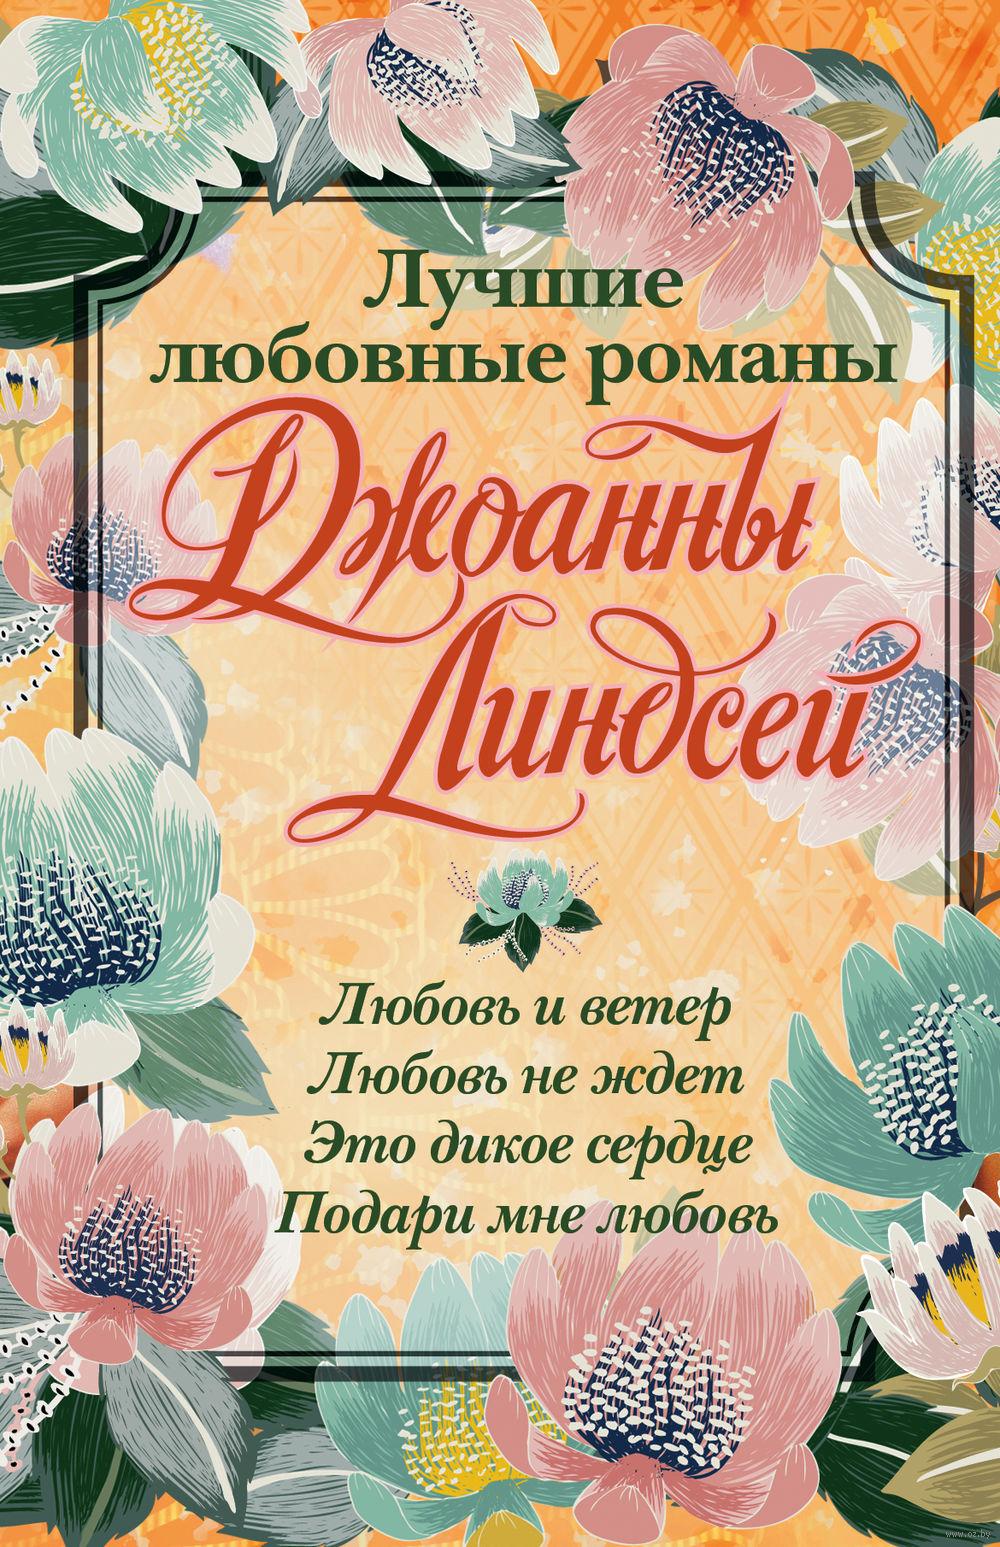 Фермеров джоанна линдсей лучшие романы отпуске воплощает фантазии